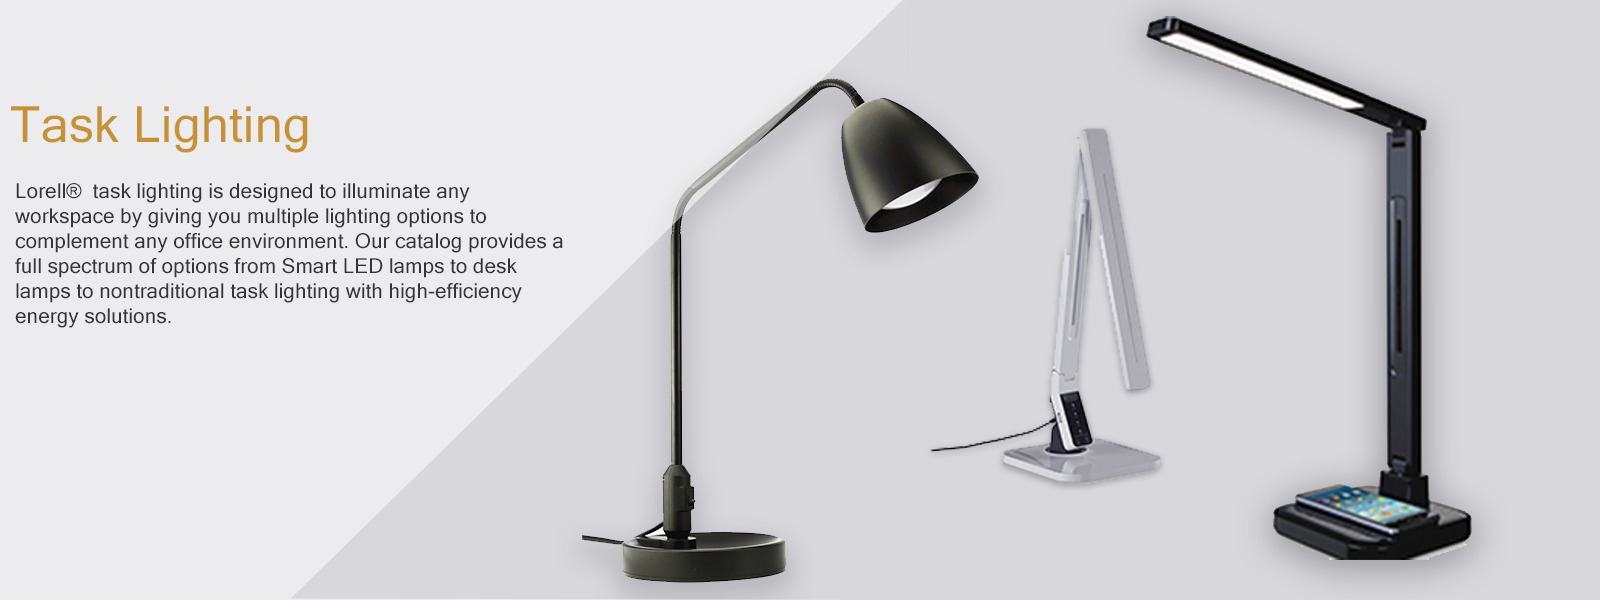 Task Lighting Lorell Furniture